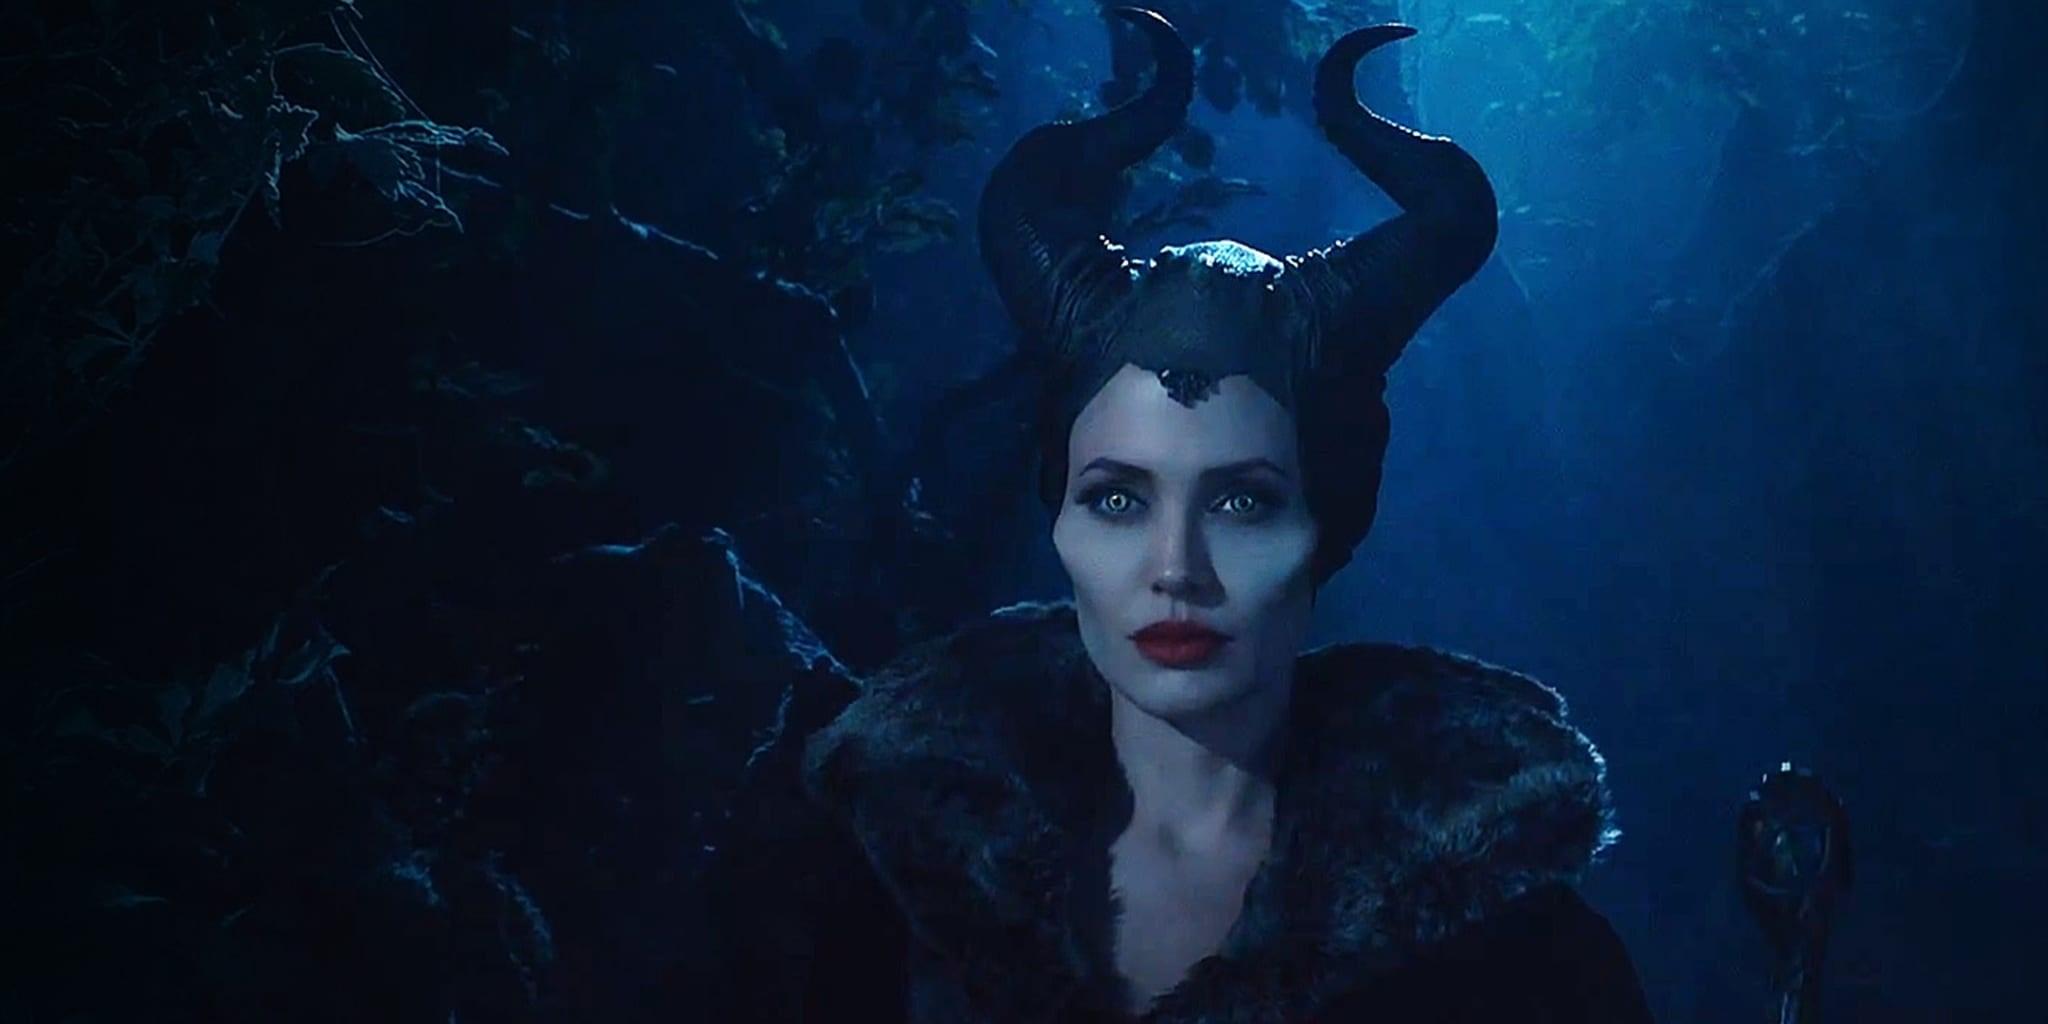 En bild på Maleficent